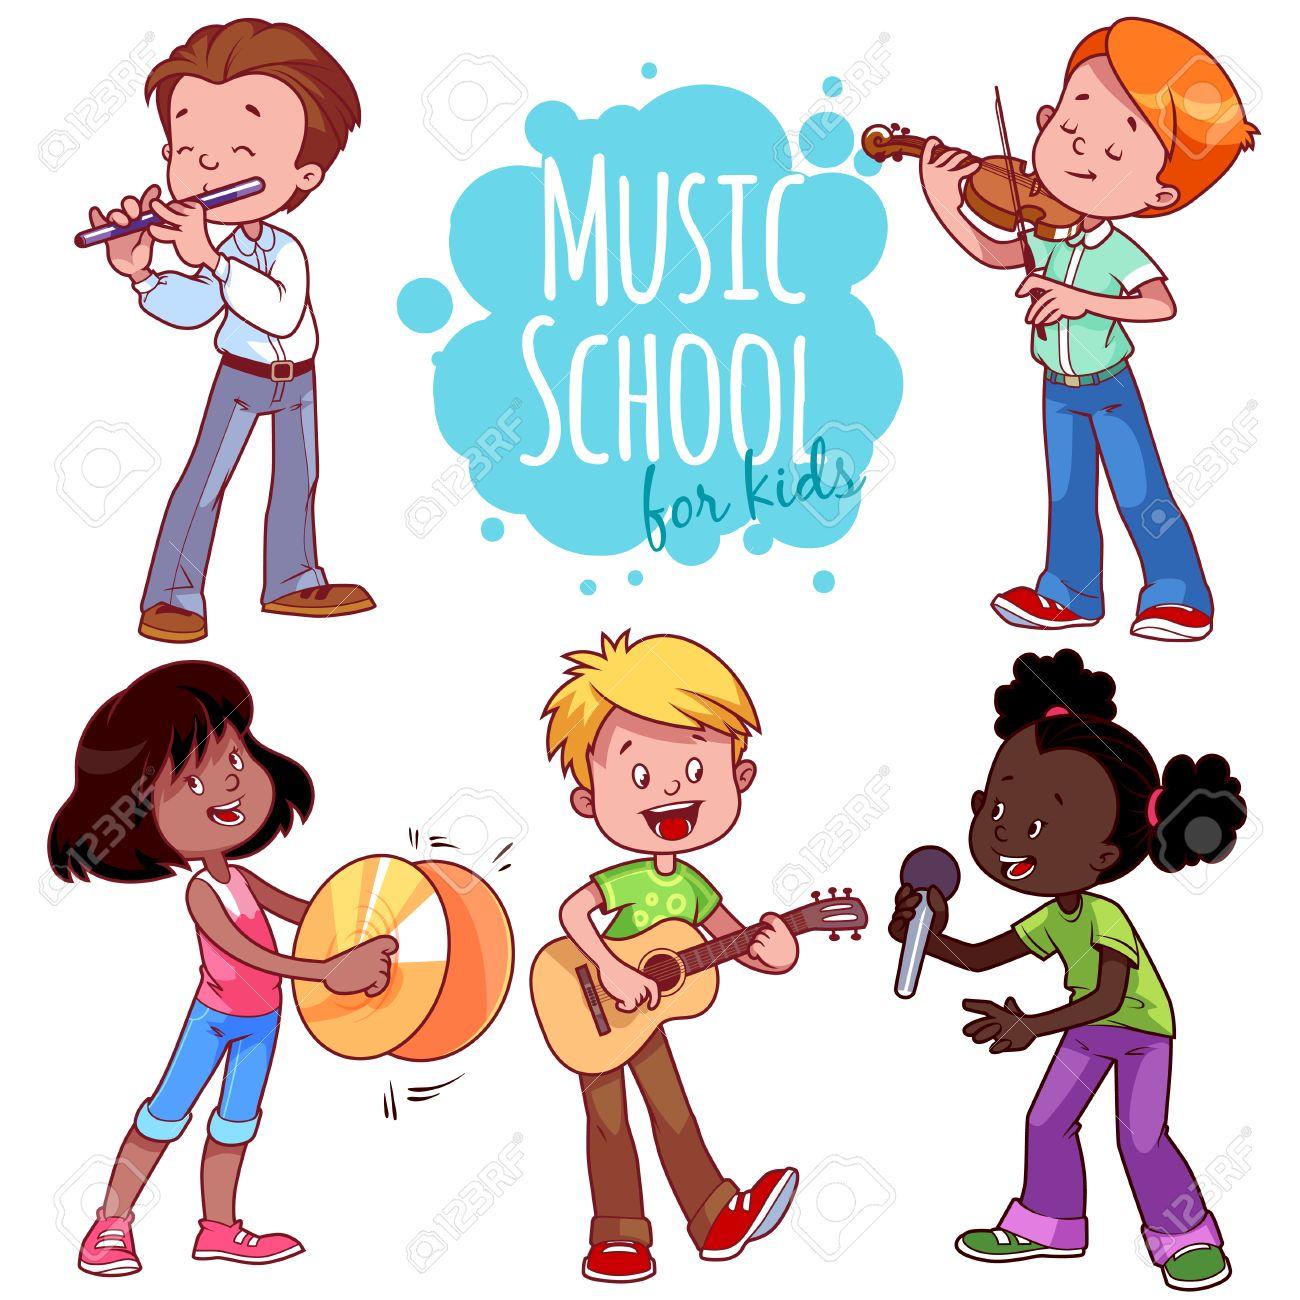 漫画子供たちは楽器を演奏し、歌います。白の背景にベクトル クリップ